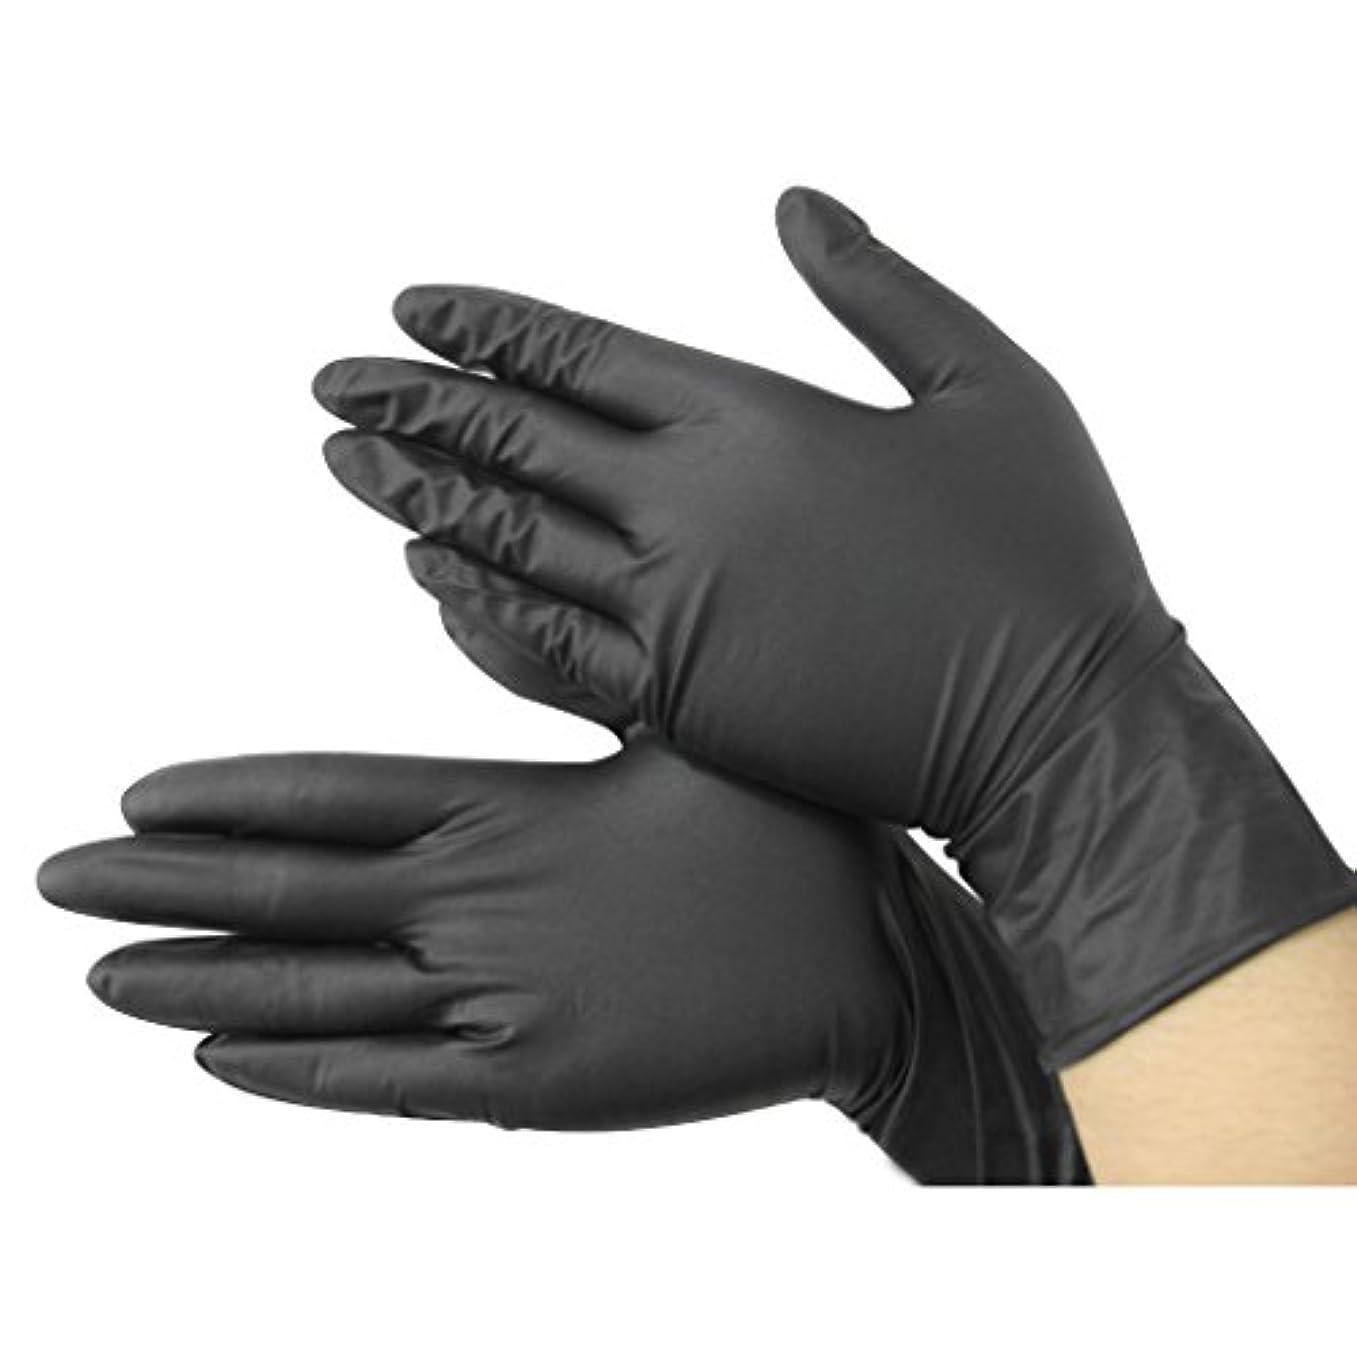 迫害する暴行蚊ACAMPTAR 黒いニトリル使い捨てクール手袋 パワーフリーX100 - 入れ墨 - メカニック 新しい